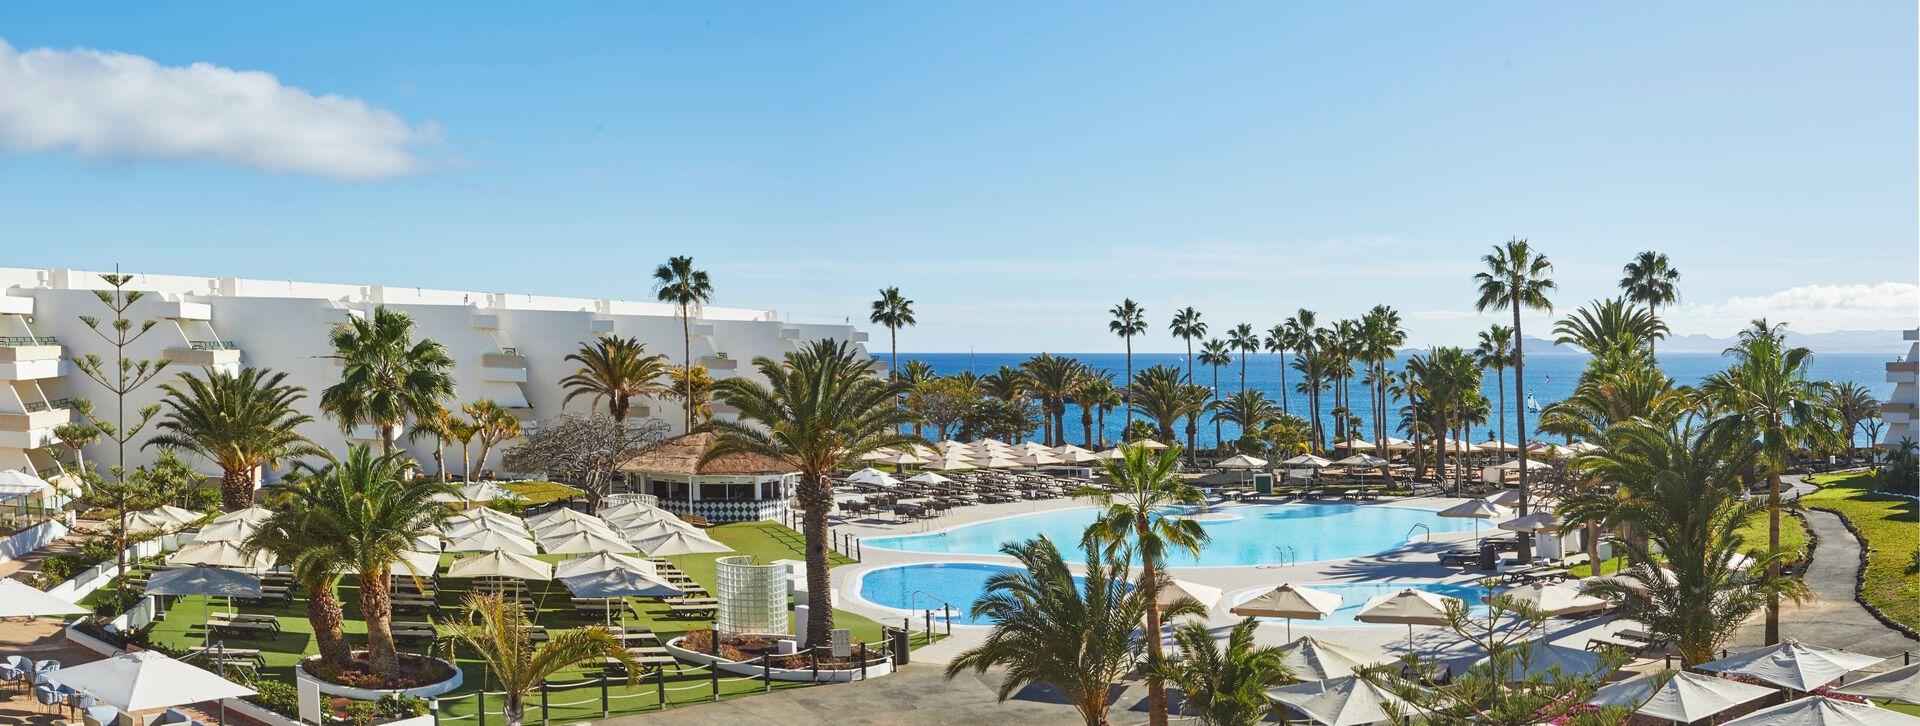 Séjour Lanzarote - Dreams Lanzarote Playa Dorada Resort & Spa - 5*